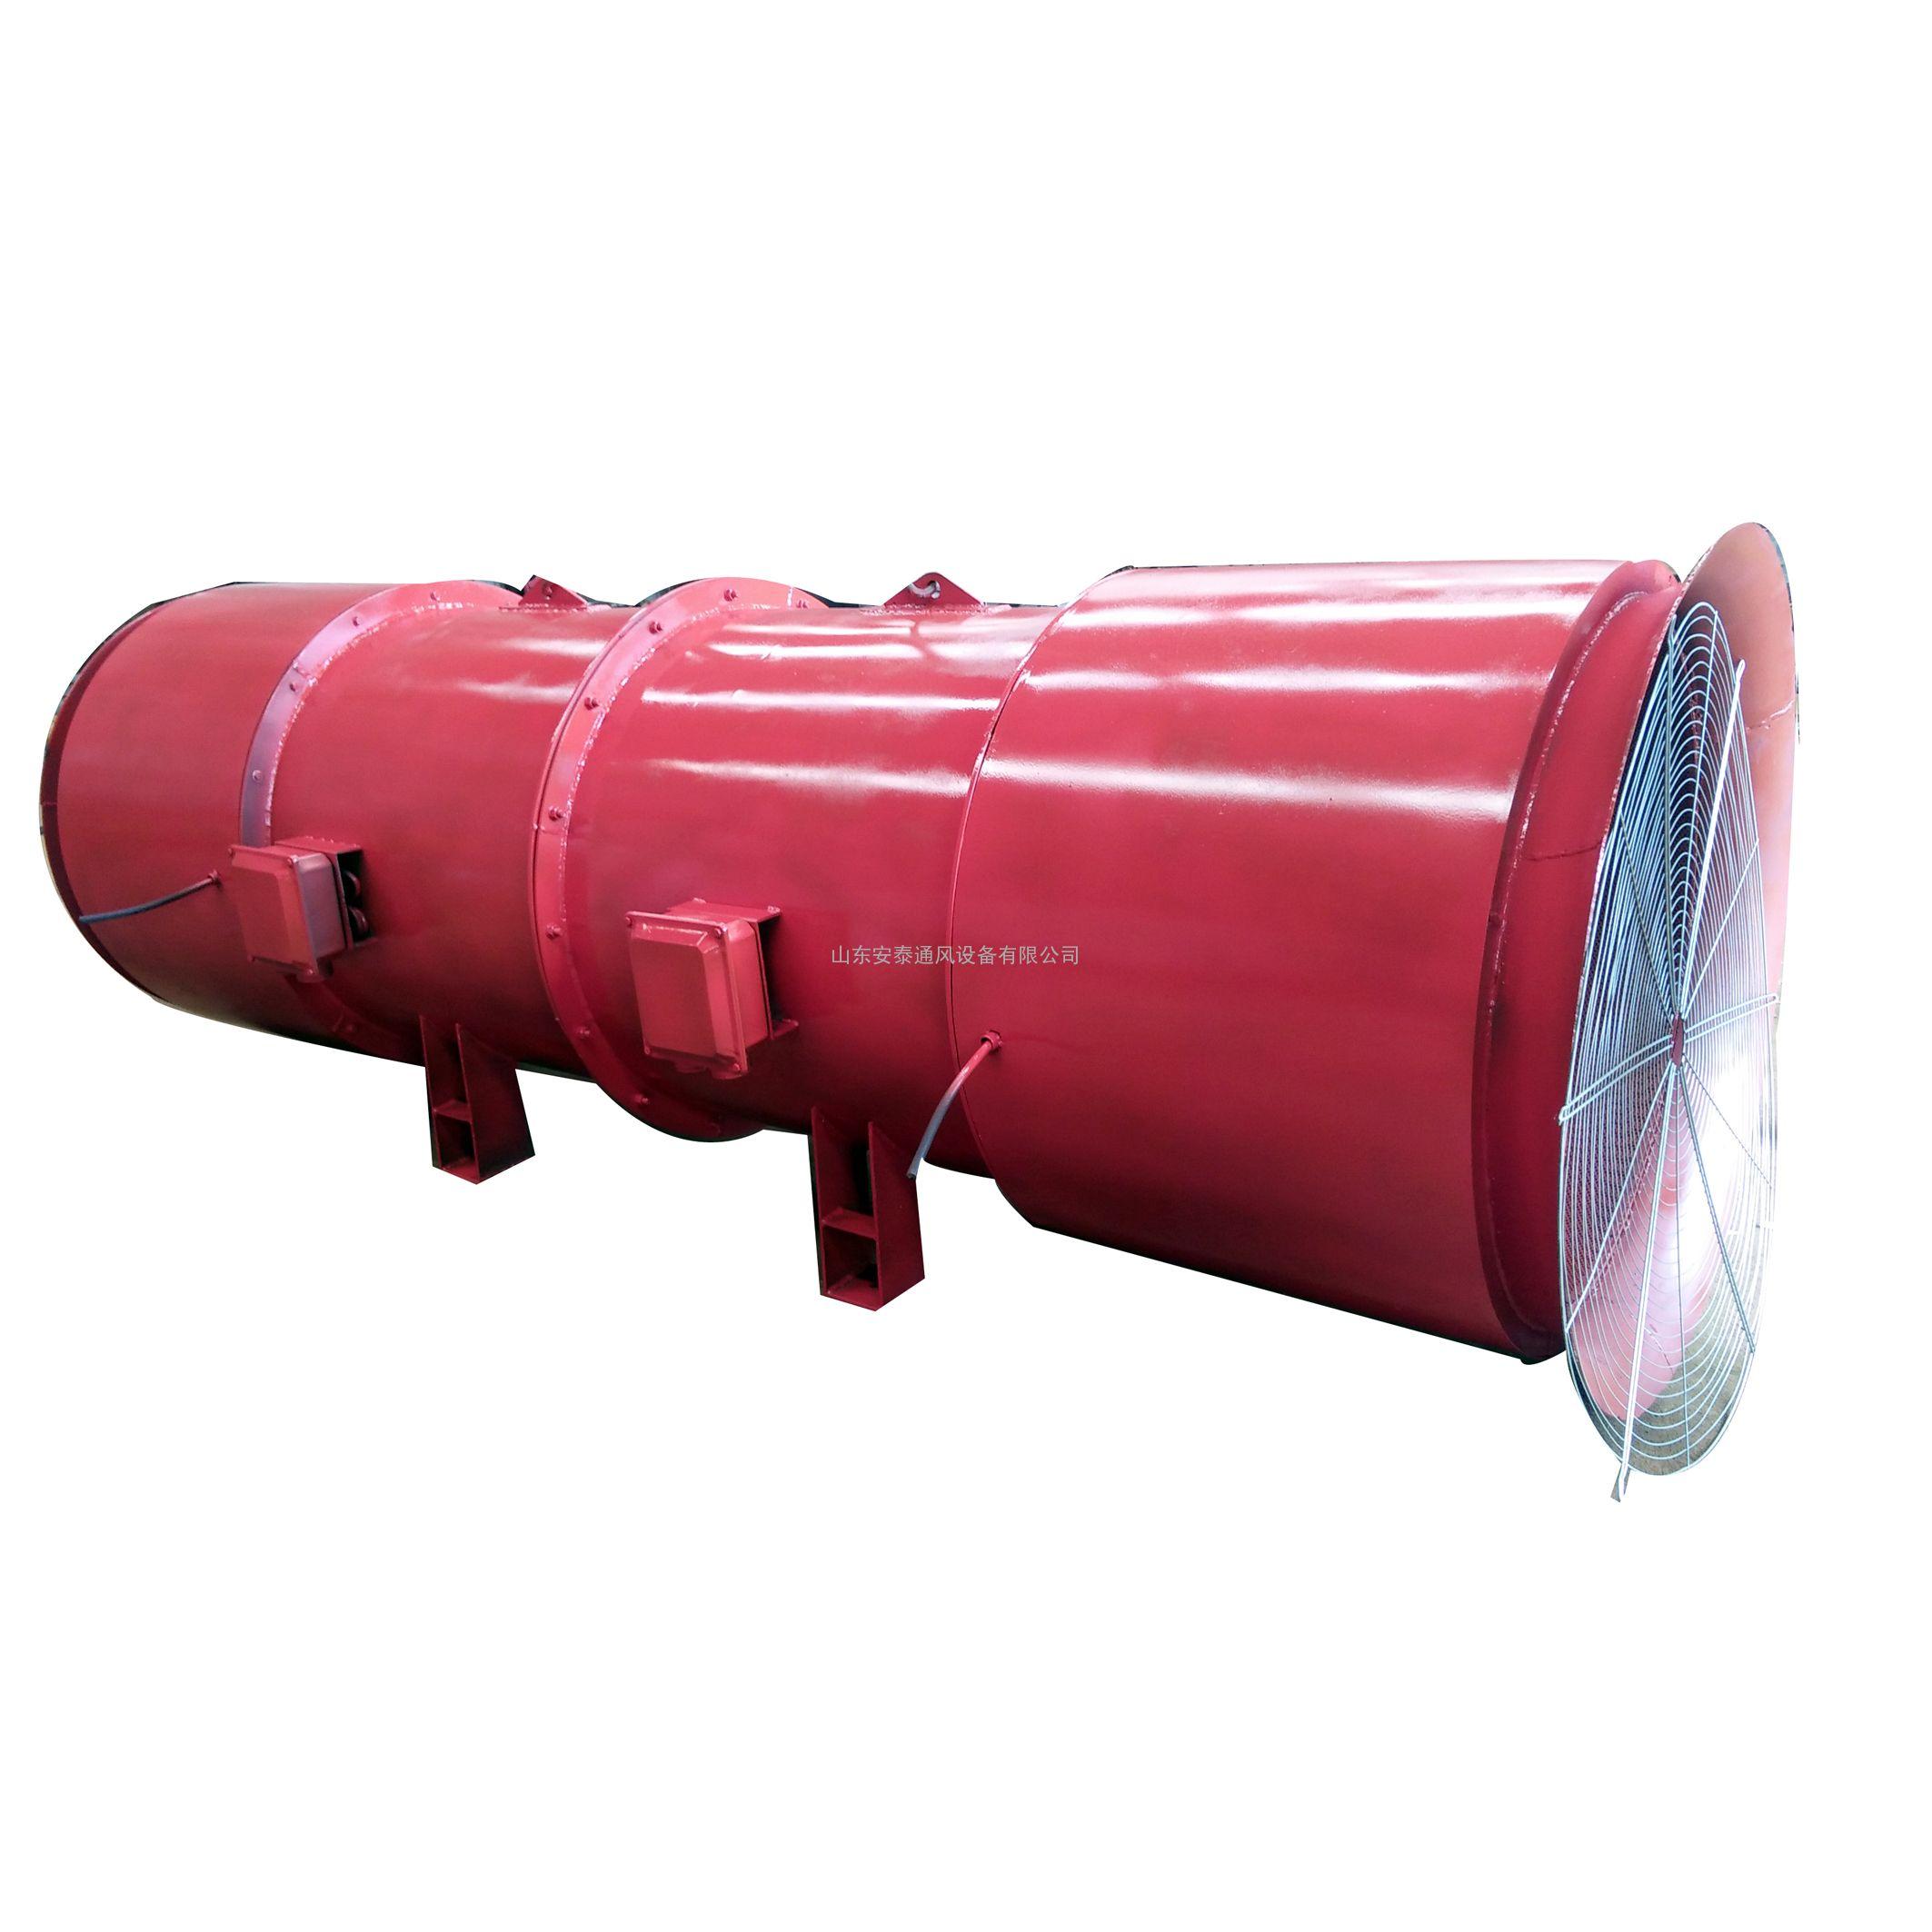 安泰风机 降低噪音污染源 气动噪声小